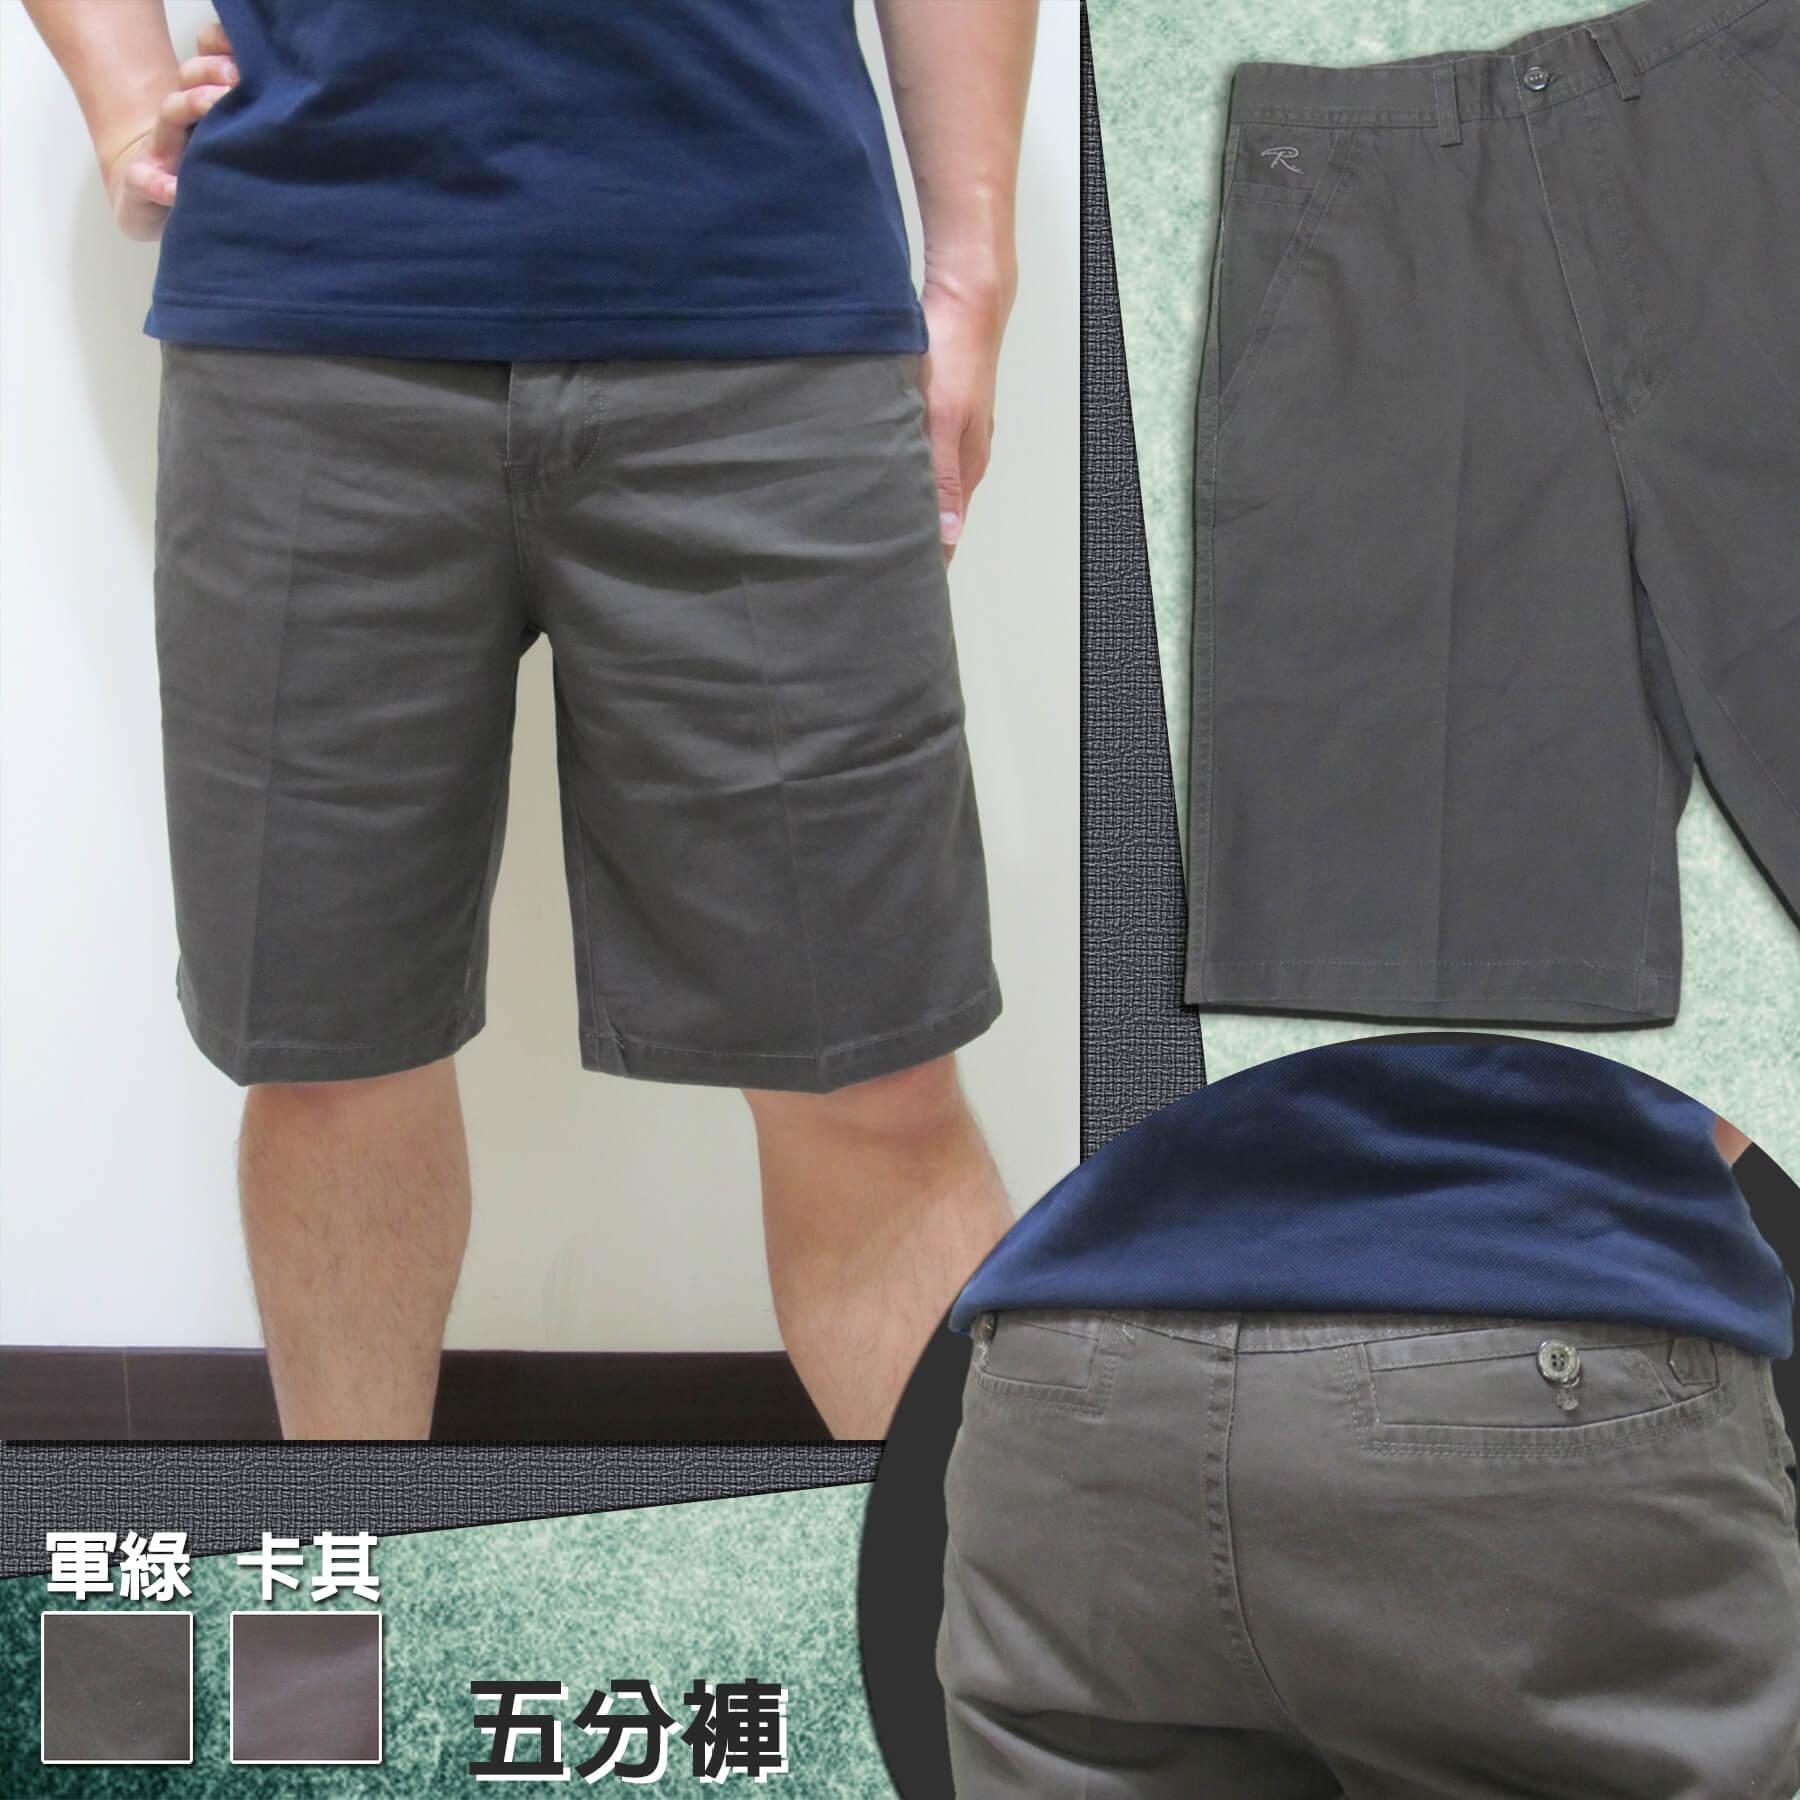 sun-e休閒短褲、休閒五分褲、100%棉休閒褲、平腰精梳棉五分褲、腰圍有皮帶環(褲耳)、褲檔有拉鍊、卡其短褲、軍綠短褲(327-1321-01)卡其(02)軍綠 腰圍:M L XL 2L 3L 4L 5L(28~38英吋)